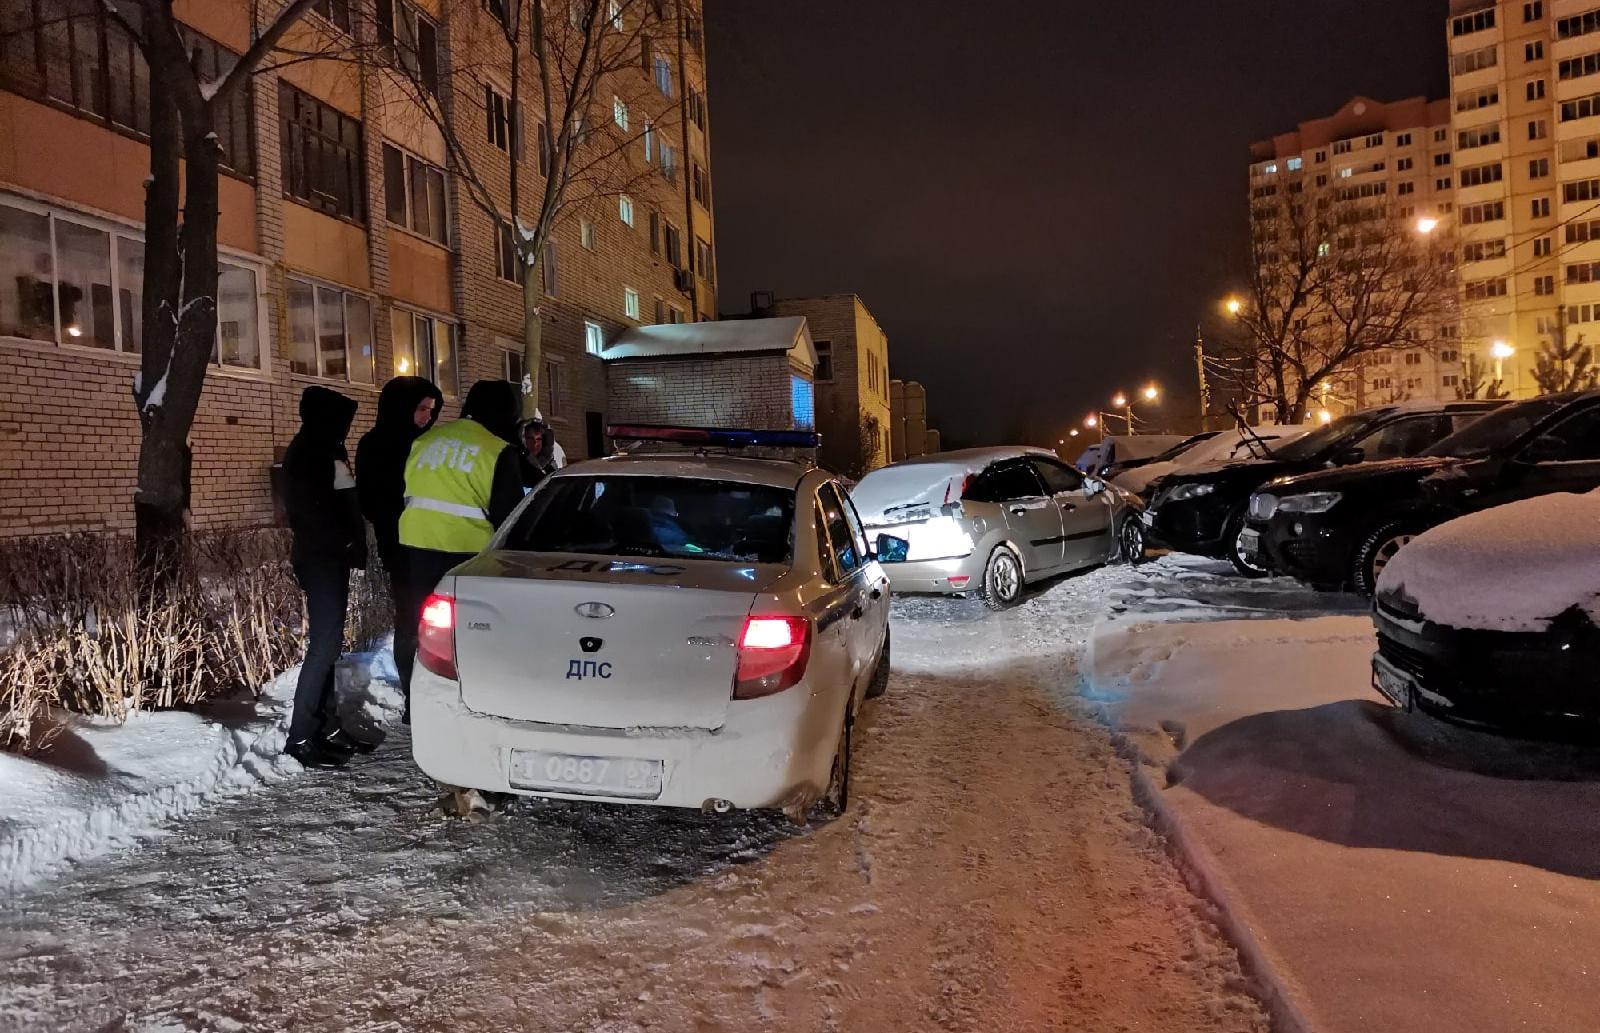 В праздничные дни на дорогах Тверской области существенно прибавилось пьяных водителей - новости Афанасий